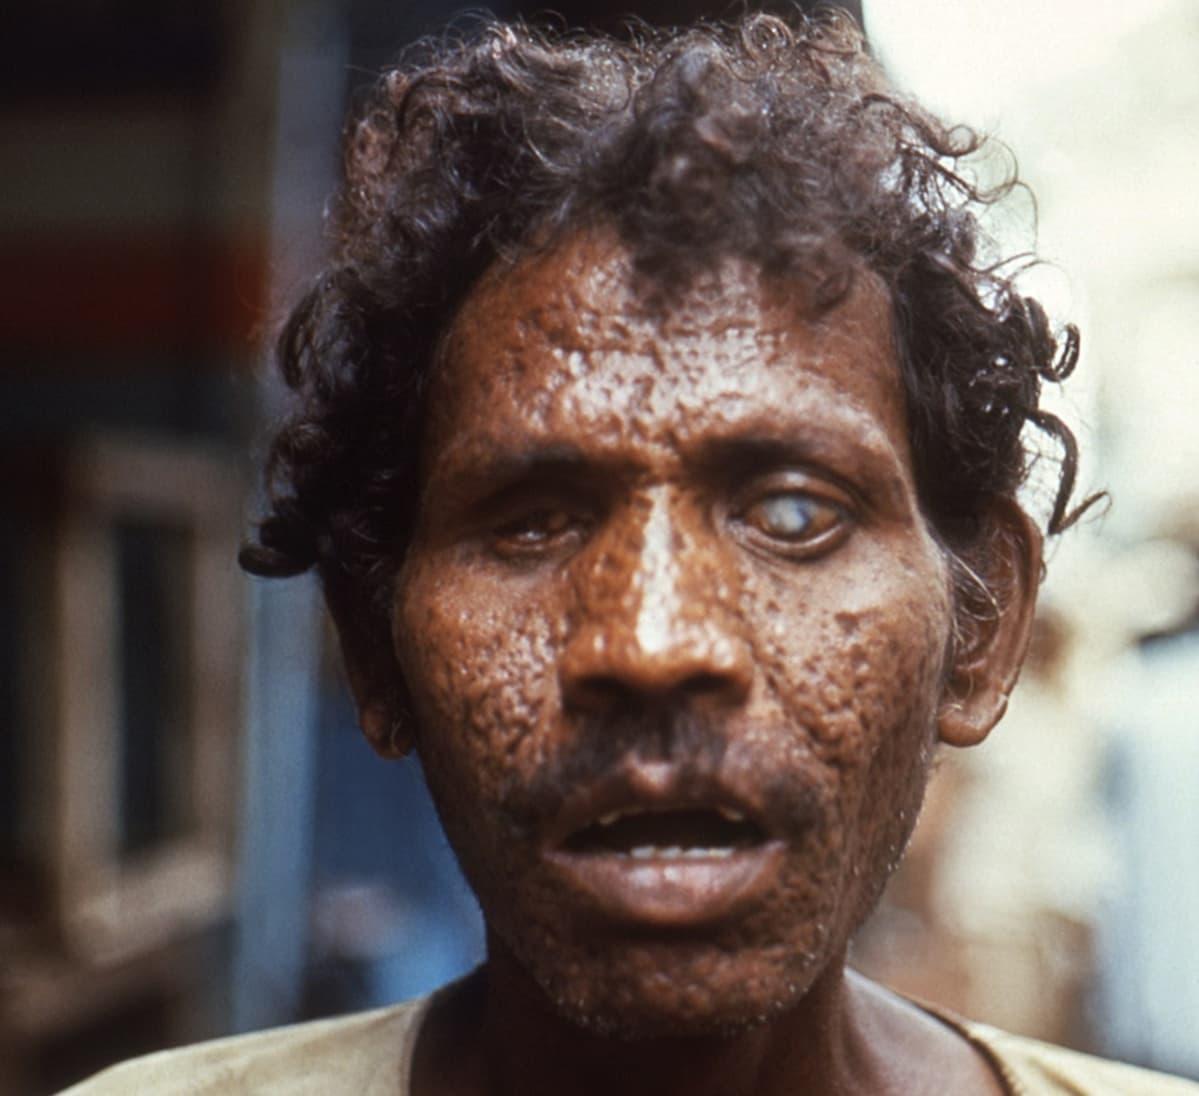 kasvokuva miehestä, jonka kasvot ovat rokonarpiset ja silmät sokeat.